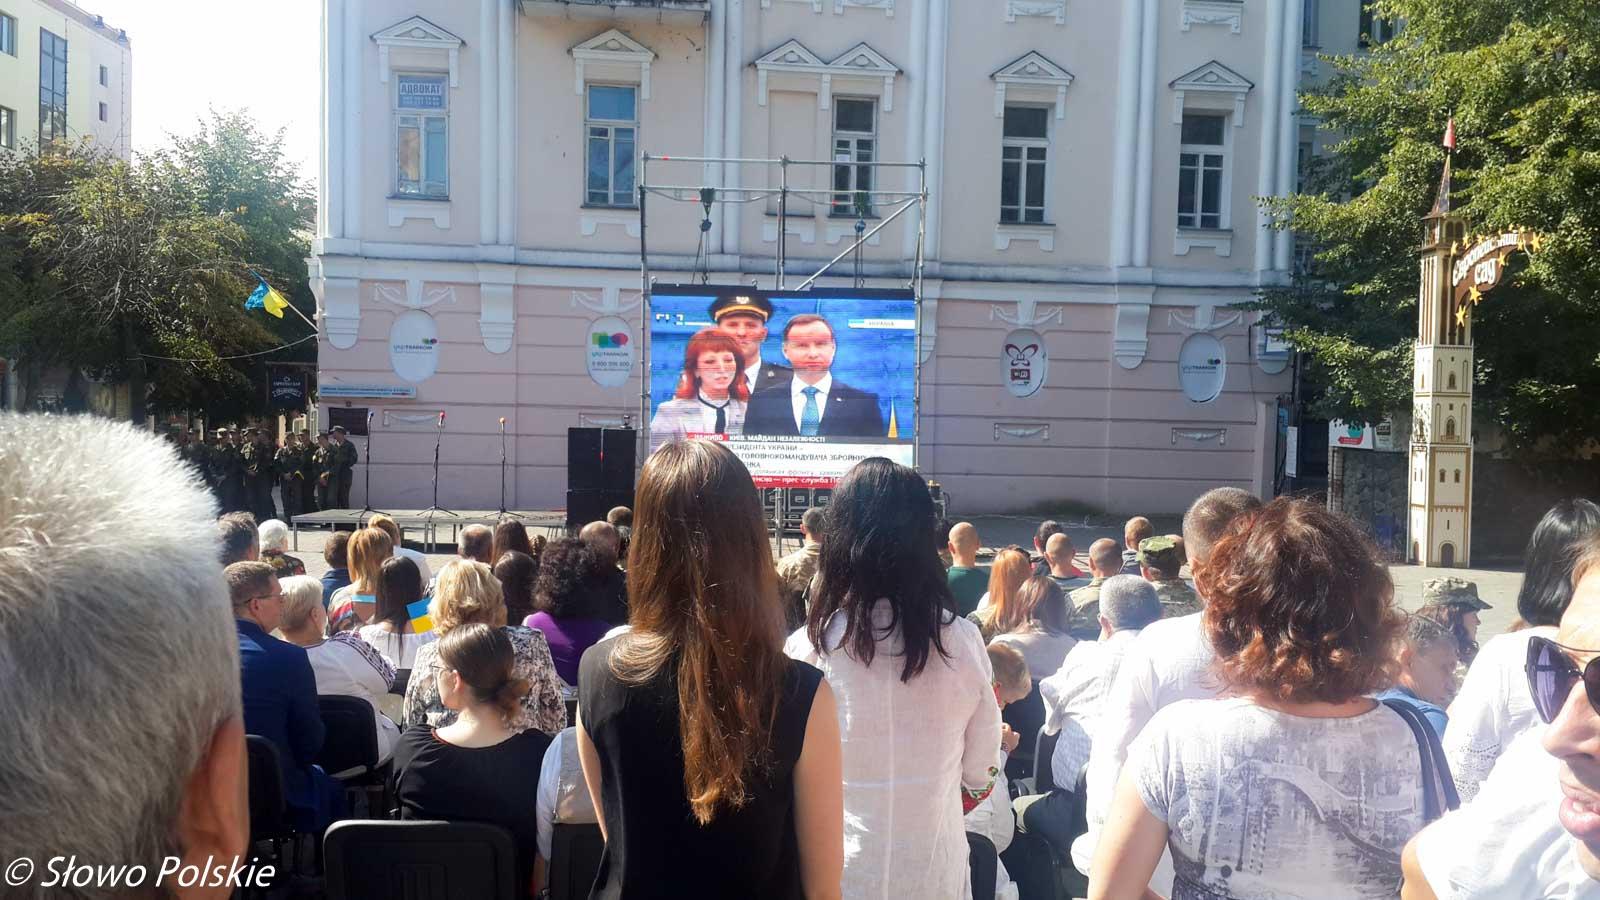 Relacja na żywo kijowskiej defilady z udziałem prezydenta Dudy w Winnicy